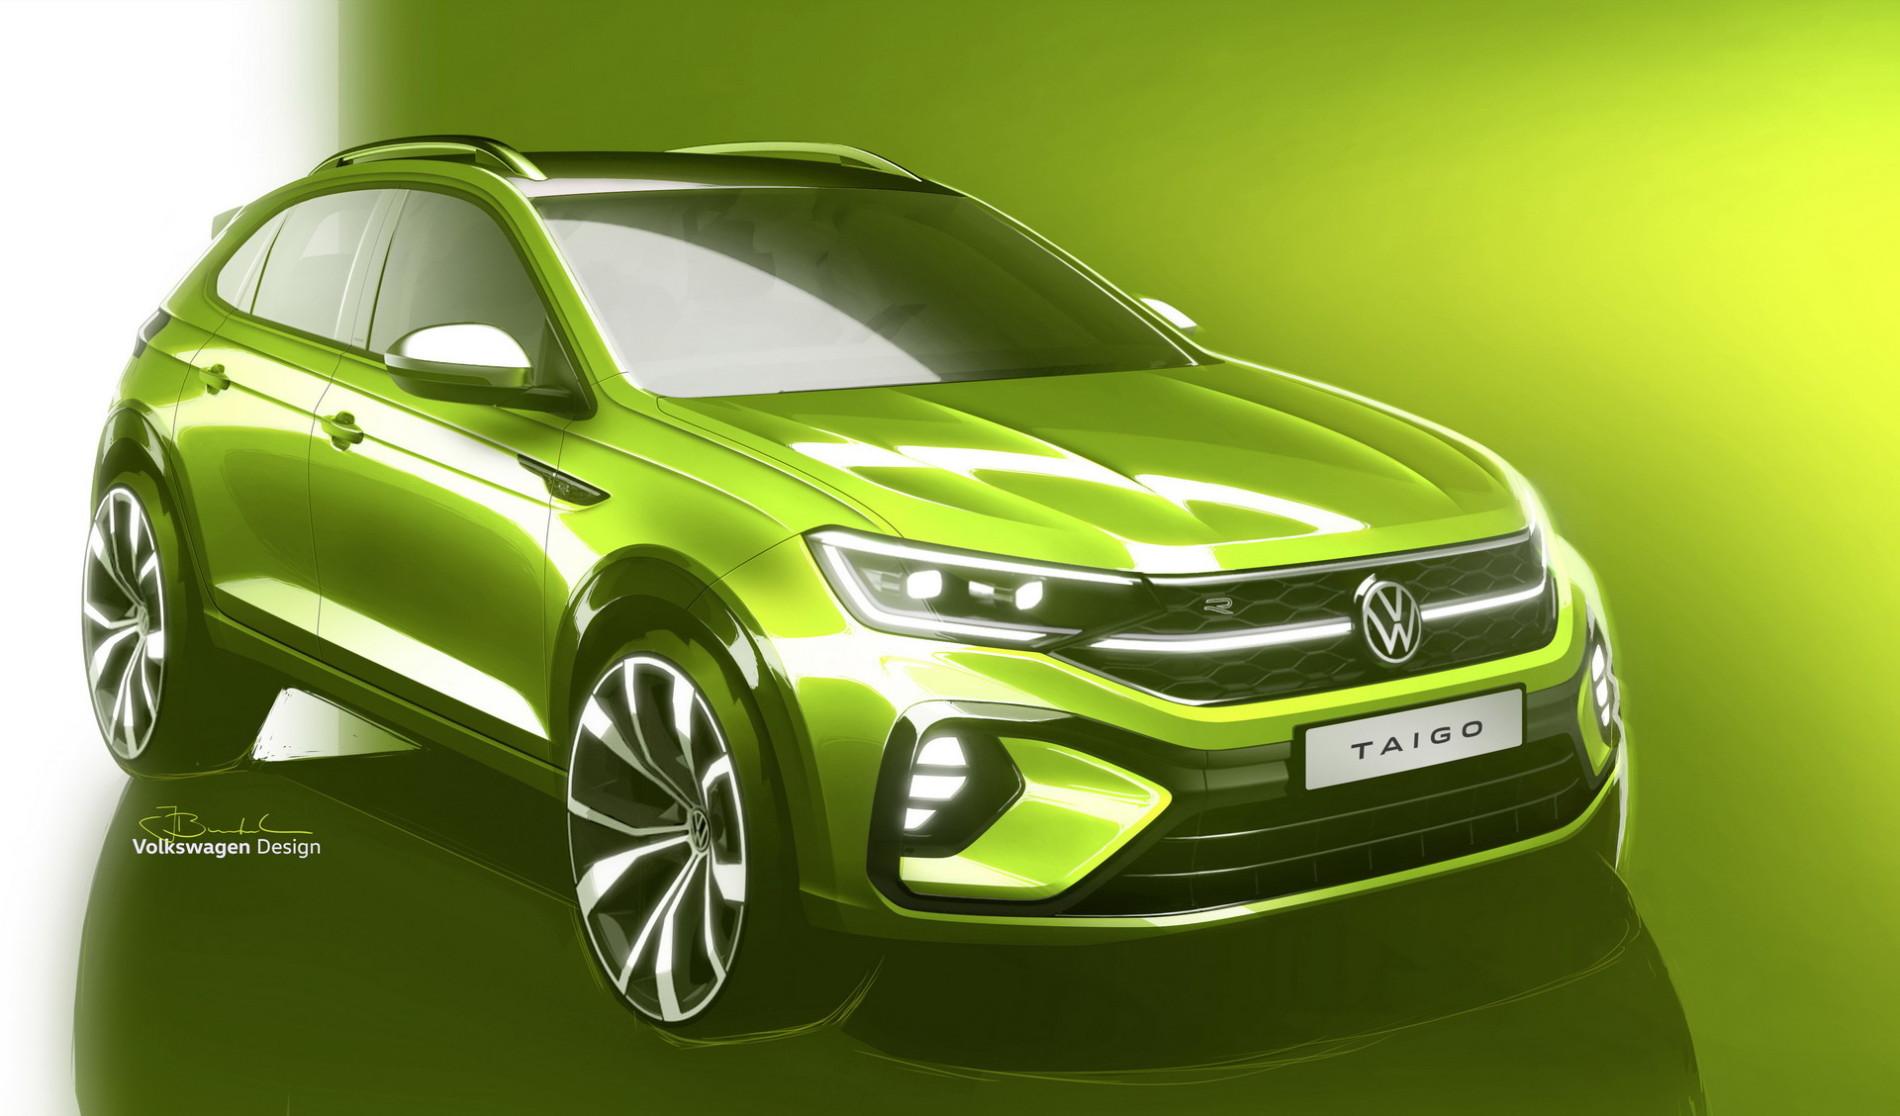 Volkswagen Taigo - Schite oficiale - Volkswagen Taigo - Schite oficiale